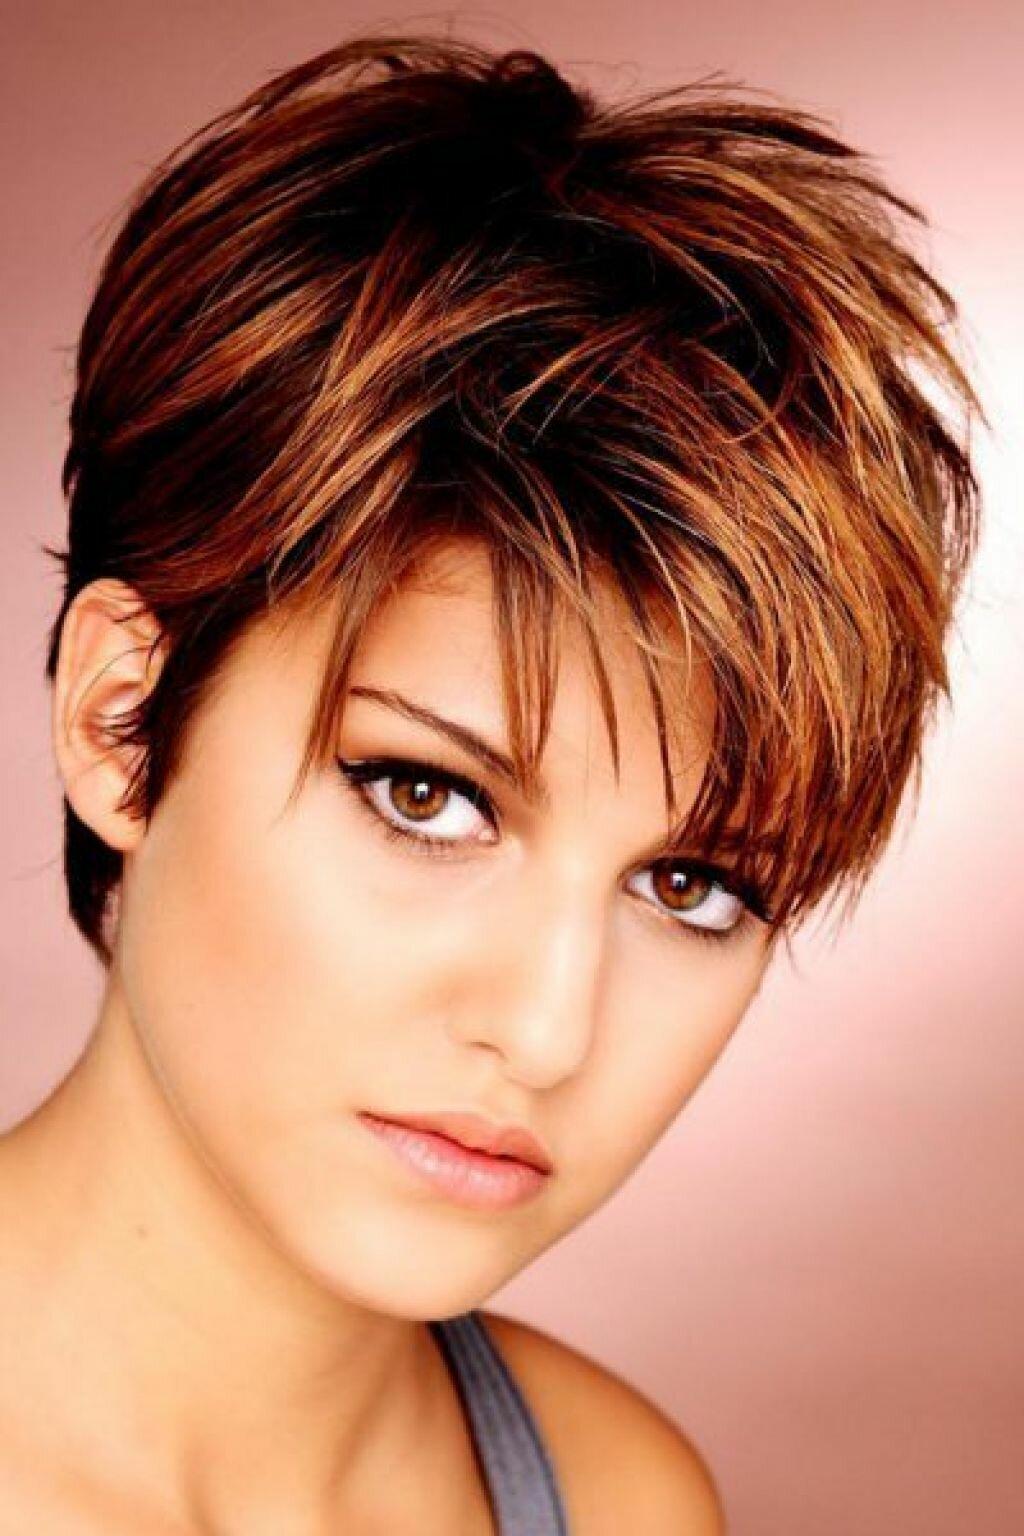 Красивые прически для круглого лица на короткие волосы фото